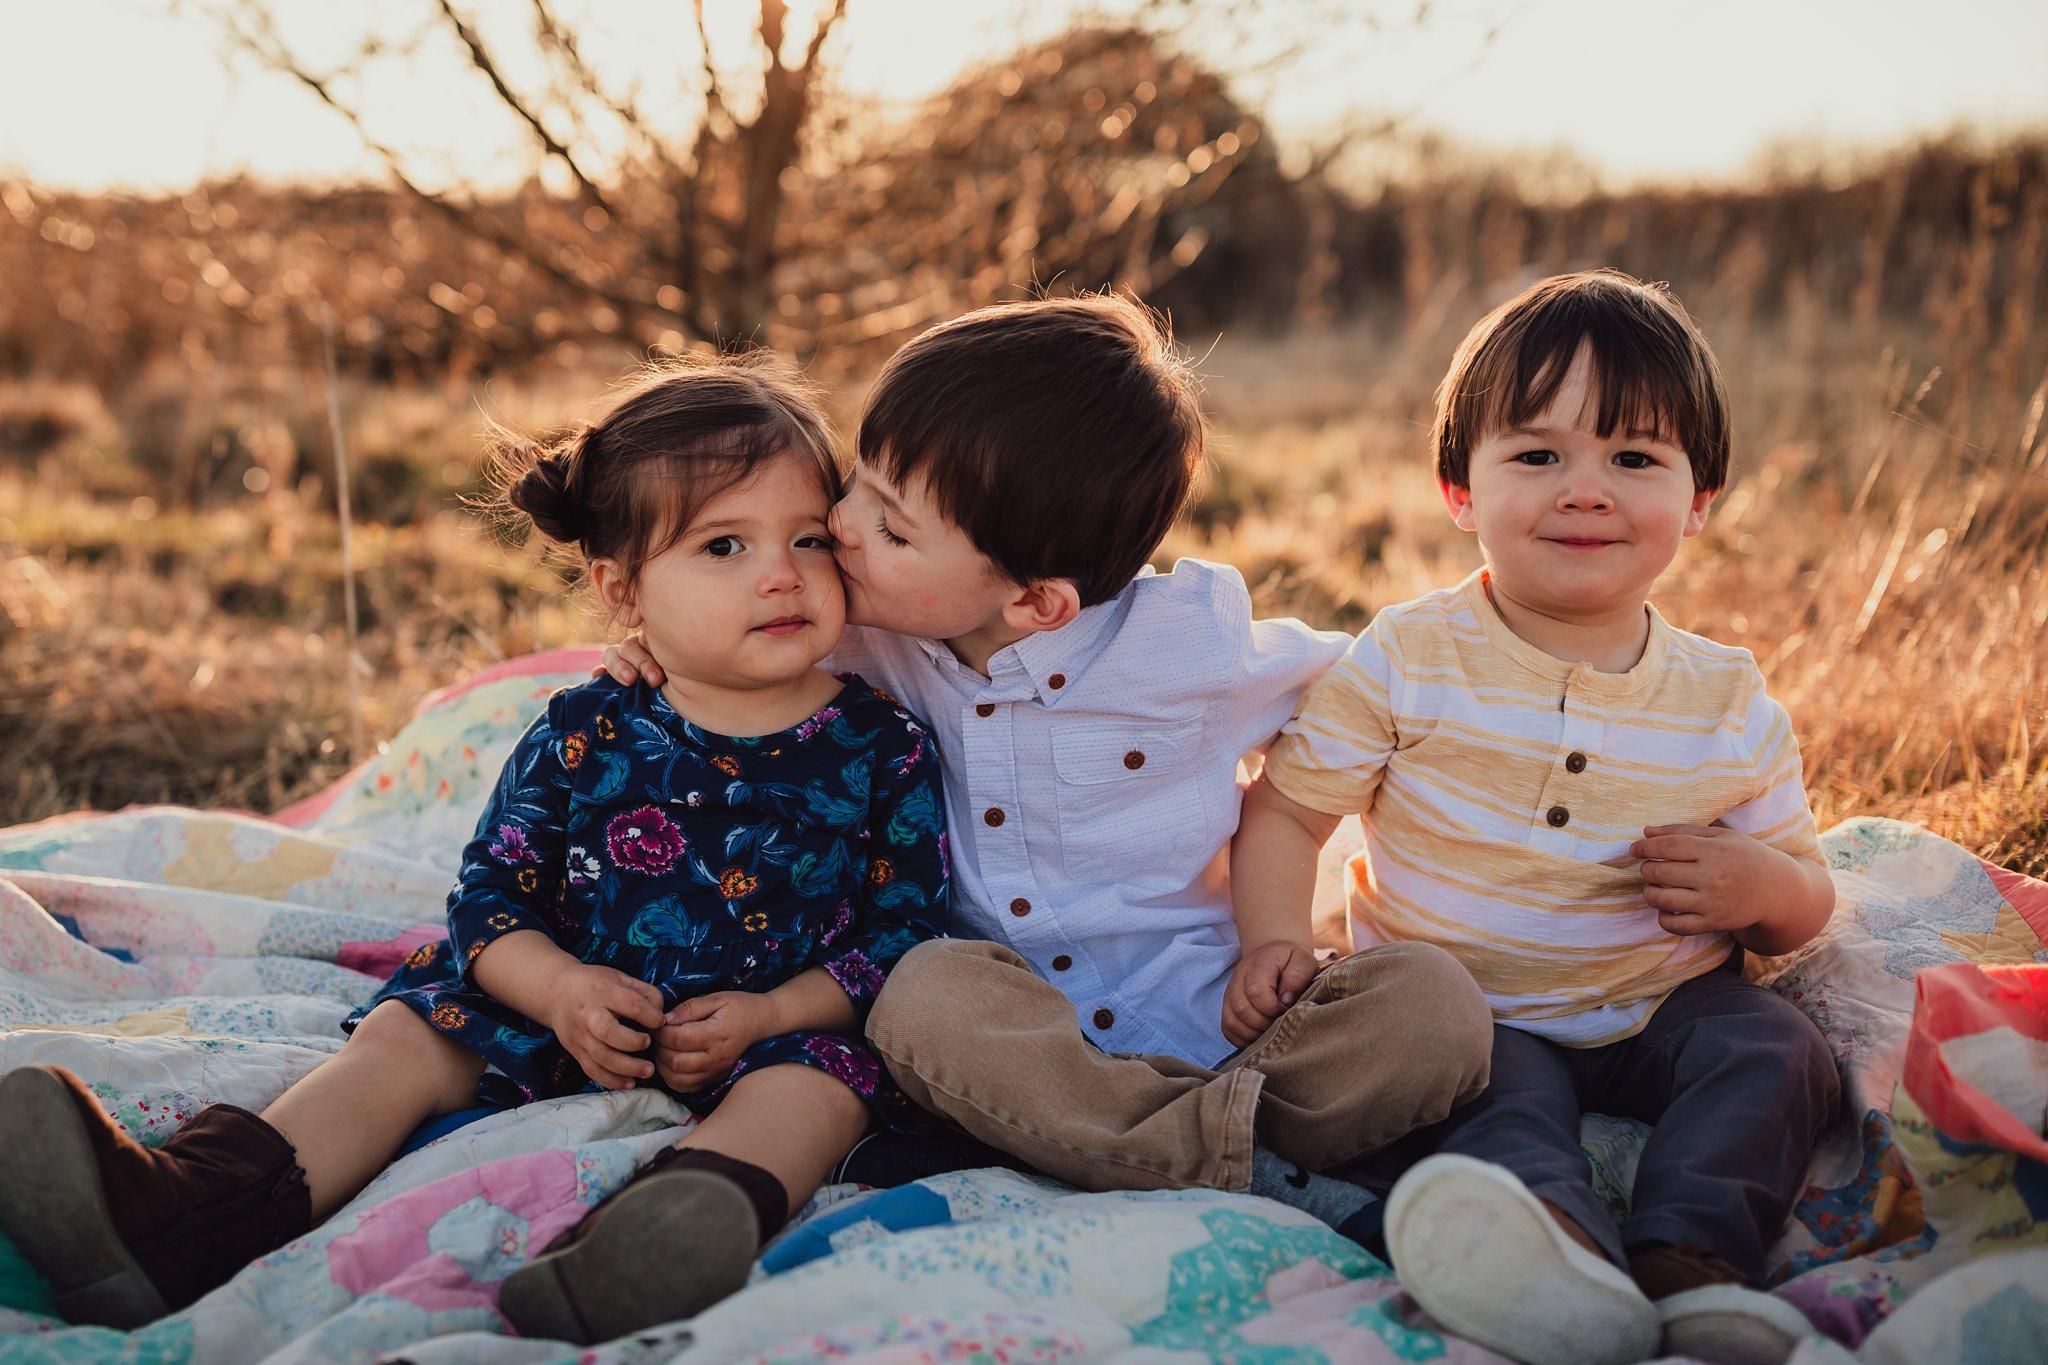 van-allen-family-blog_0010.jpg